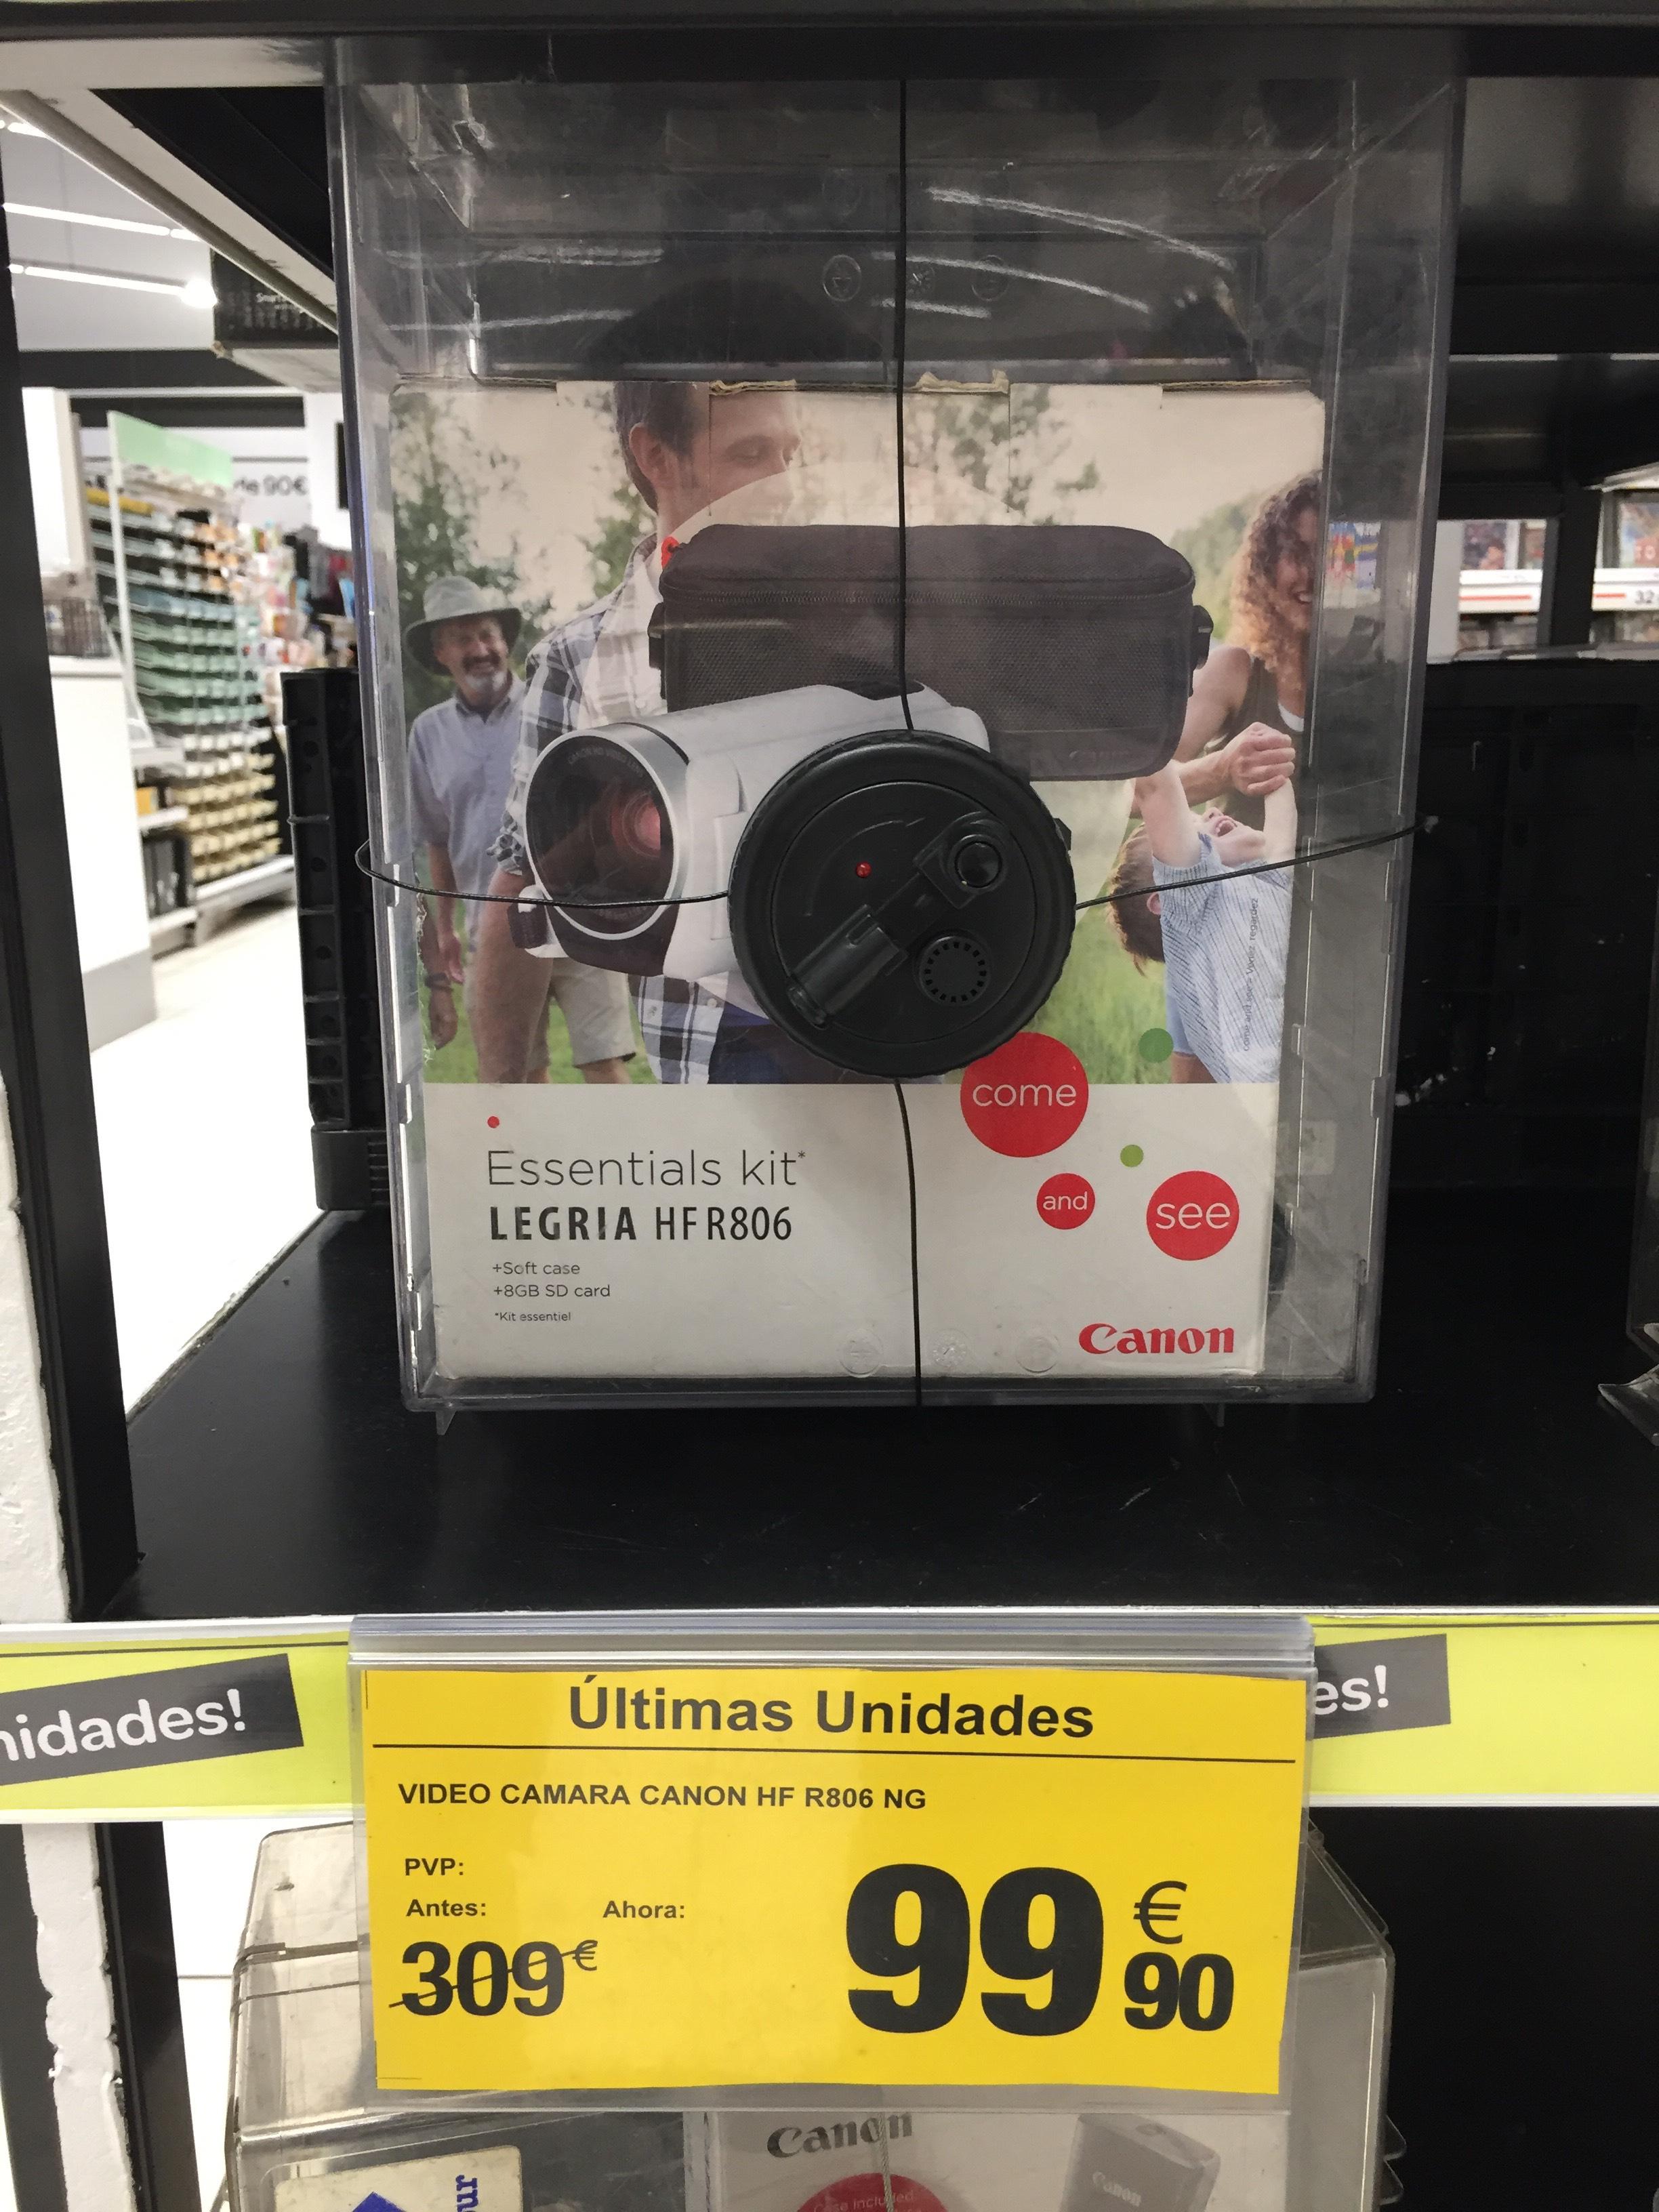 Video camara canon hf r806 ng